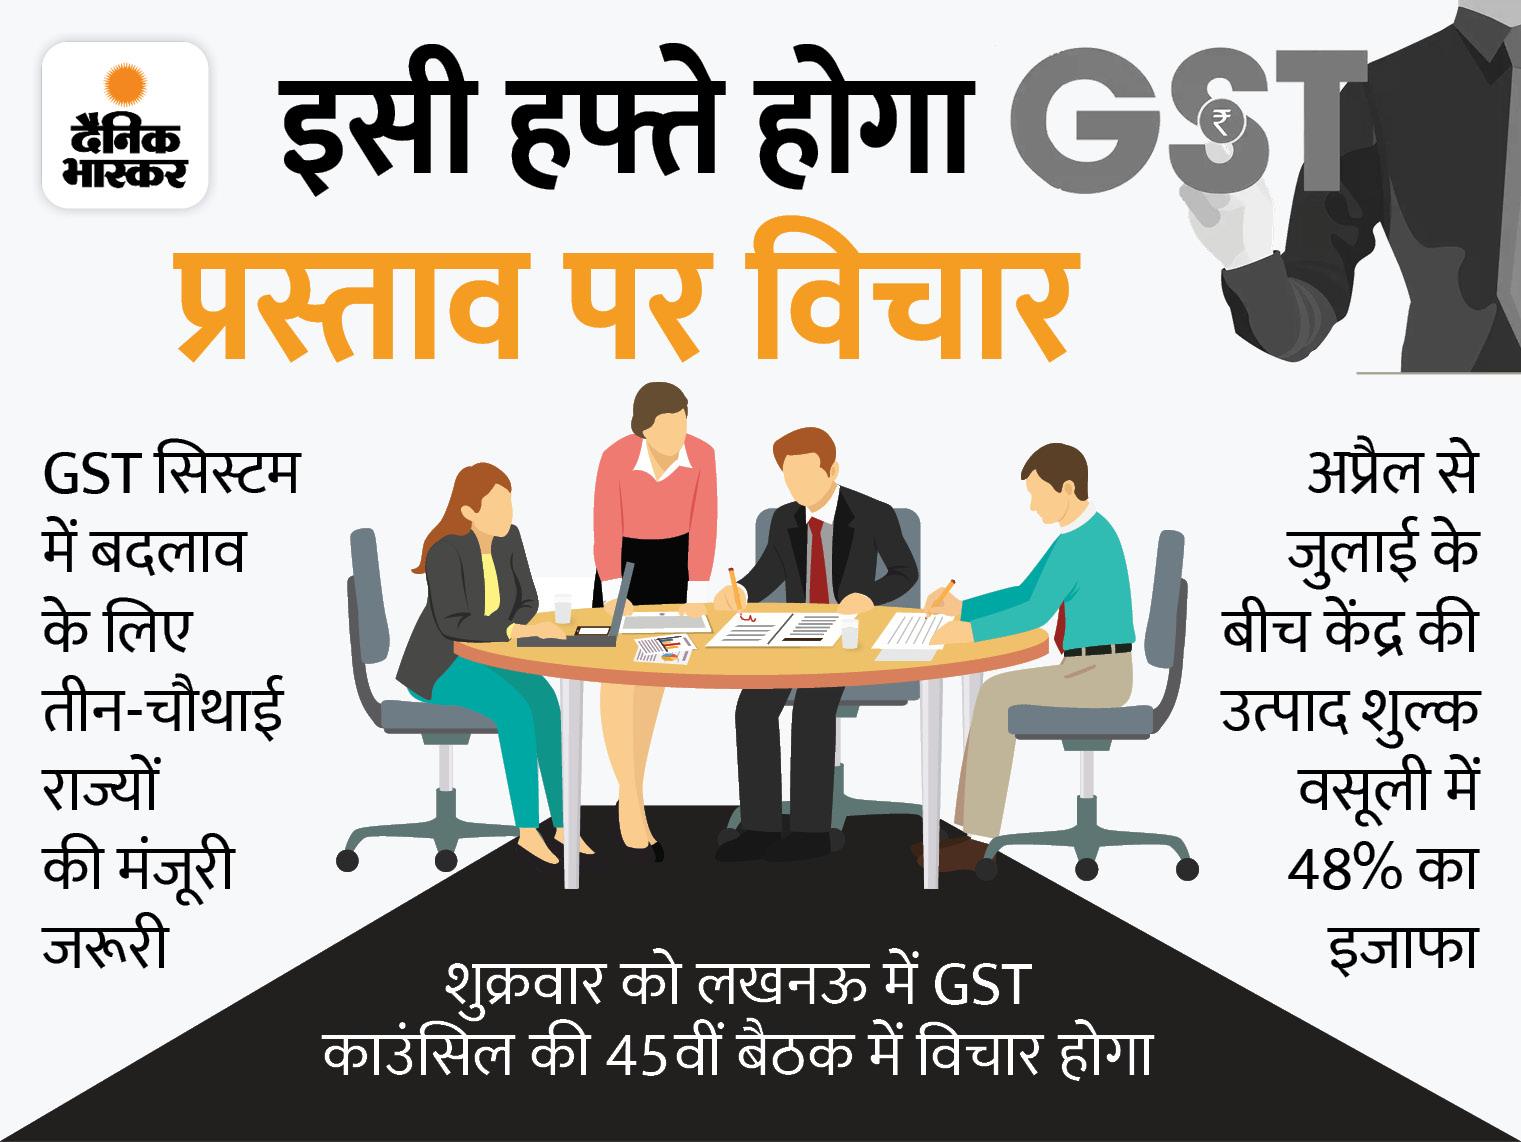 GST के दायरे में लाए जा सकते हैं पेट्रोल-डीजल, 28% के मैक्सिमम रेट पर भी होंगे काफी सस्ते, सरकार का राजस्व करीब 1 लाख करोड़ घटेगा|बिजनेस,Business - Dainik Bhaskar